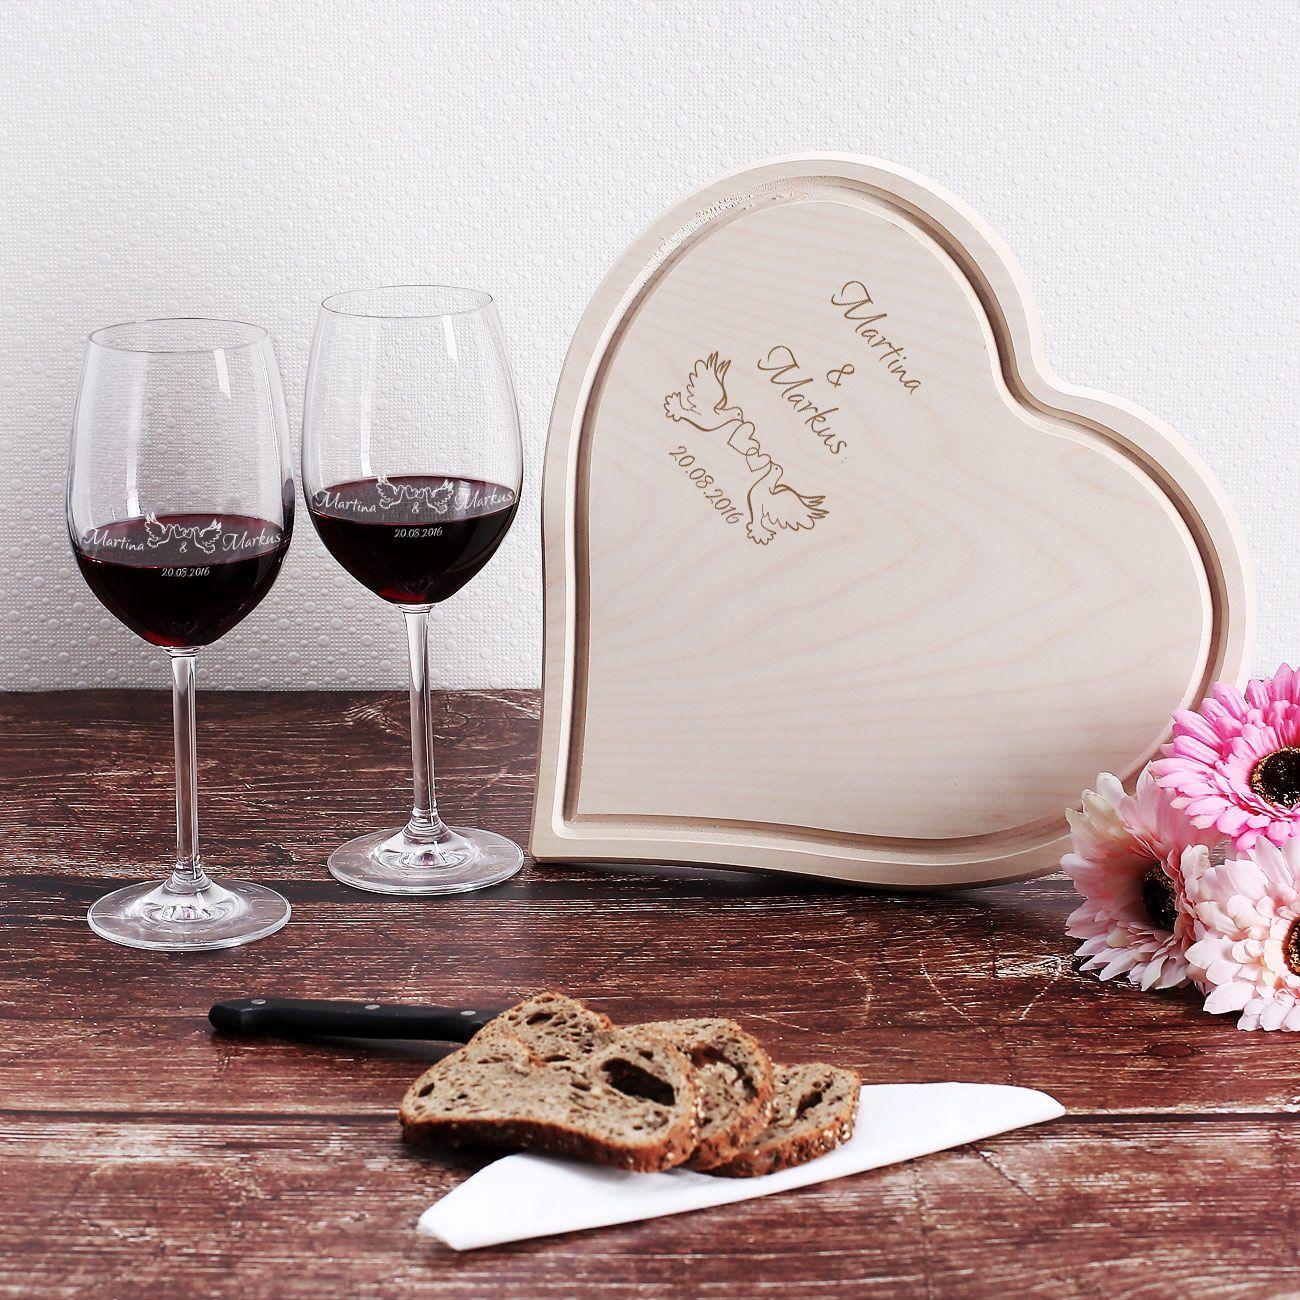 Wein Und Glas Essen : zu einem gem tlichen abend zu zweit geh rt einfach ein gutes glas wein doch da man alkohol ~ A.2002-acura-tl-radio.info Haus und Dekorationen